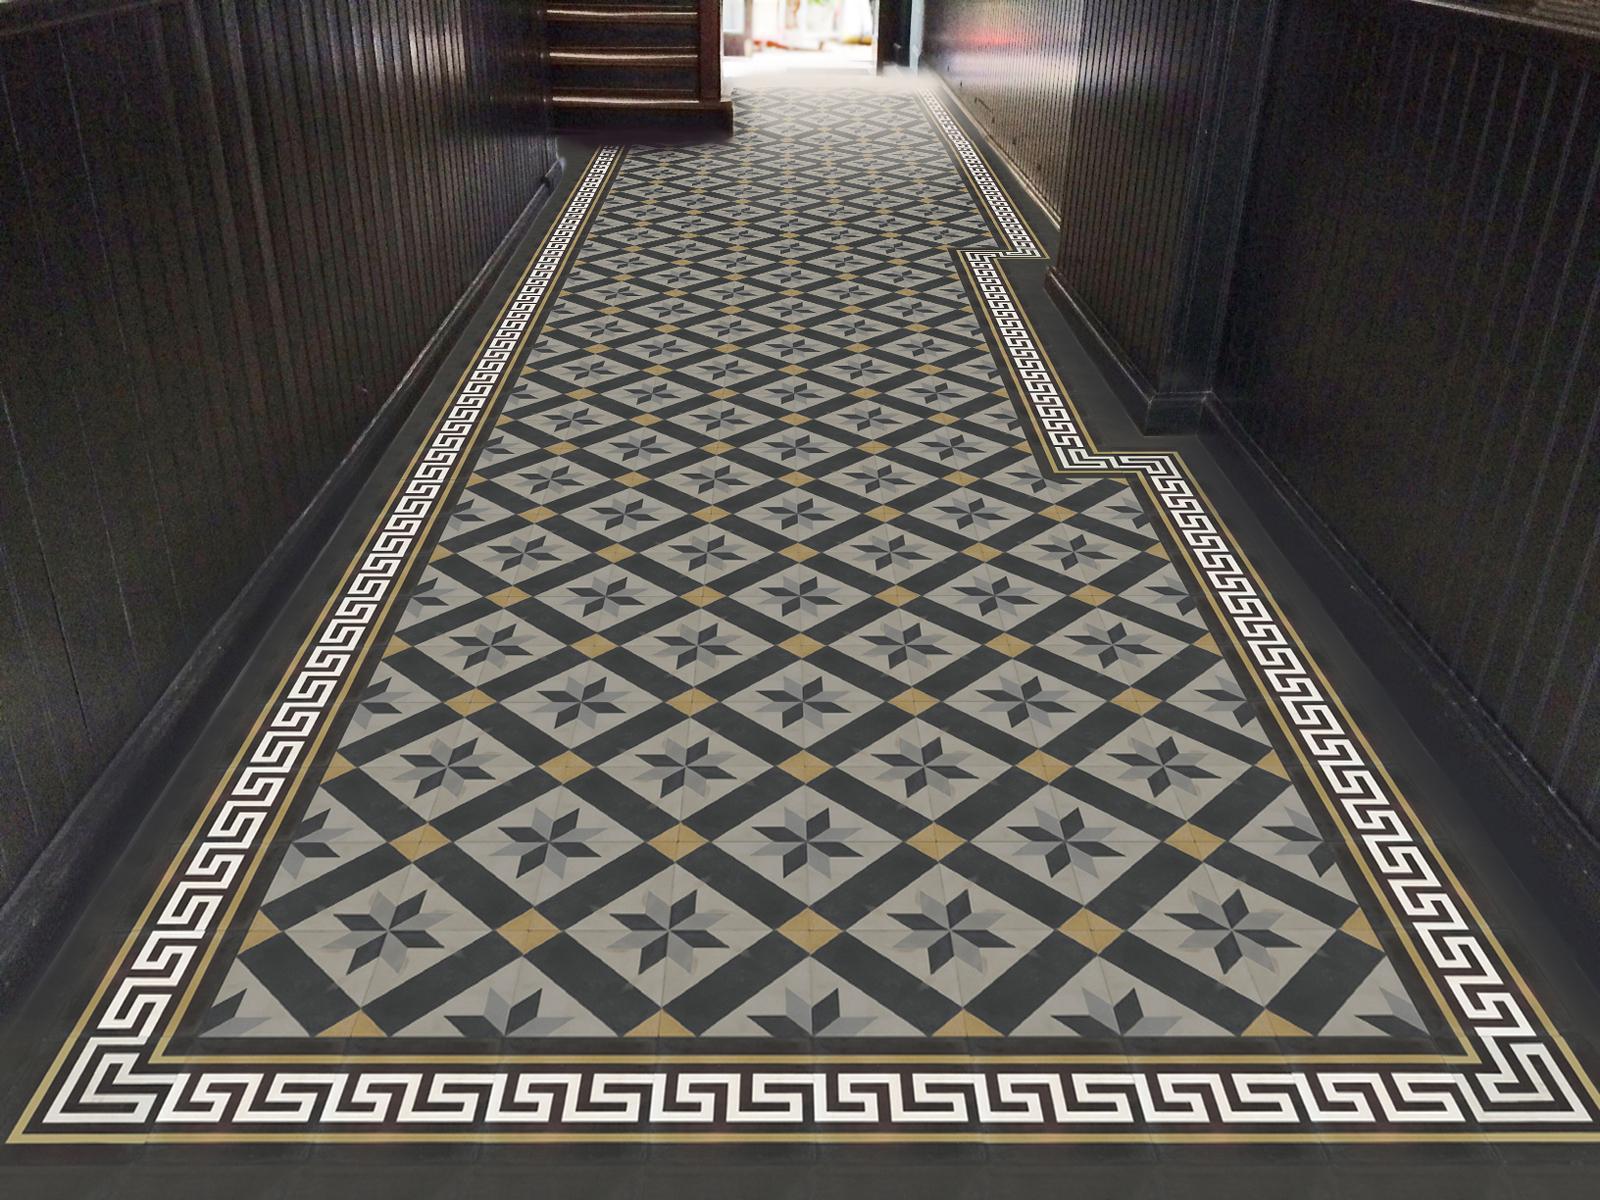 zementmosaikplatten-nr.51109-flur-viaplatten | 51109